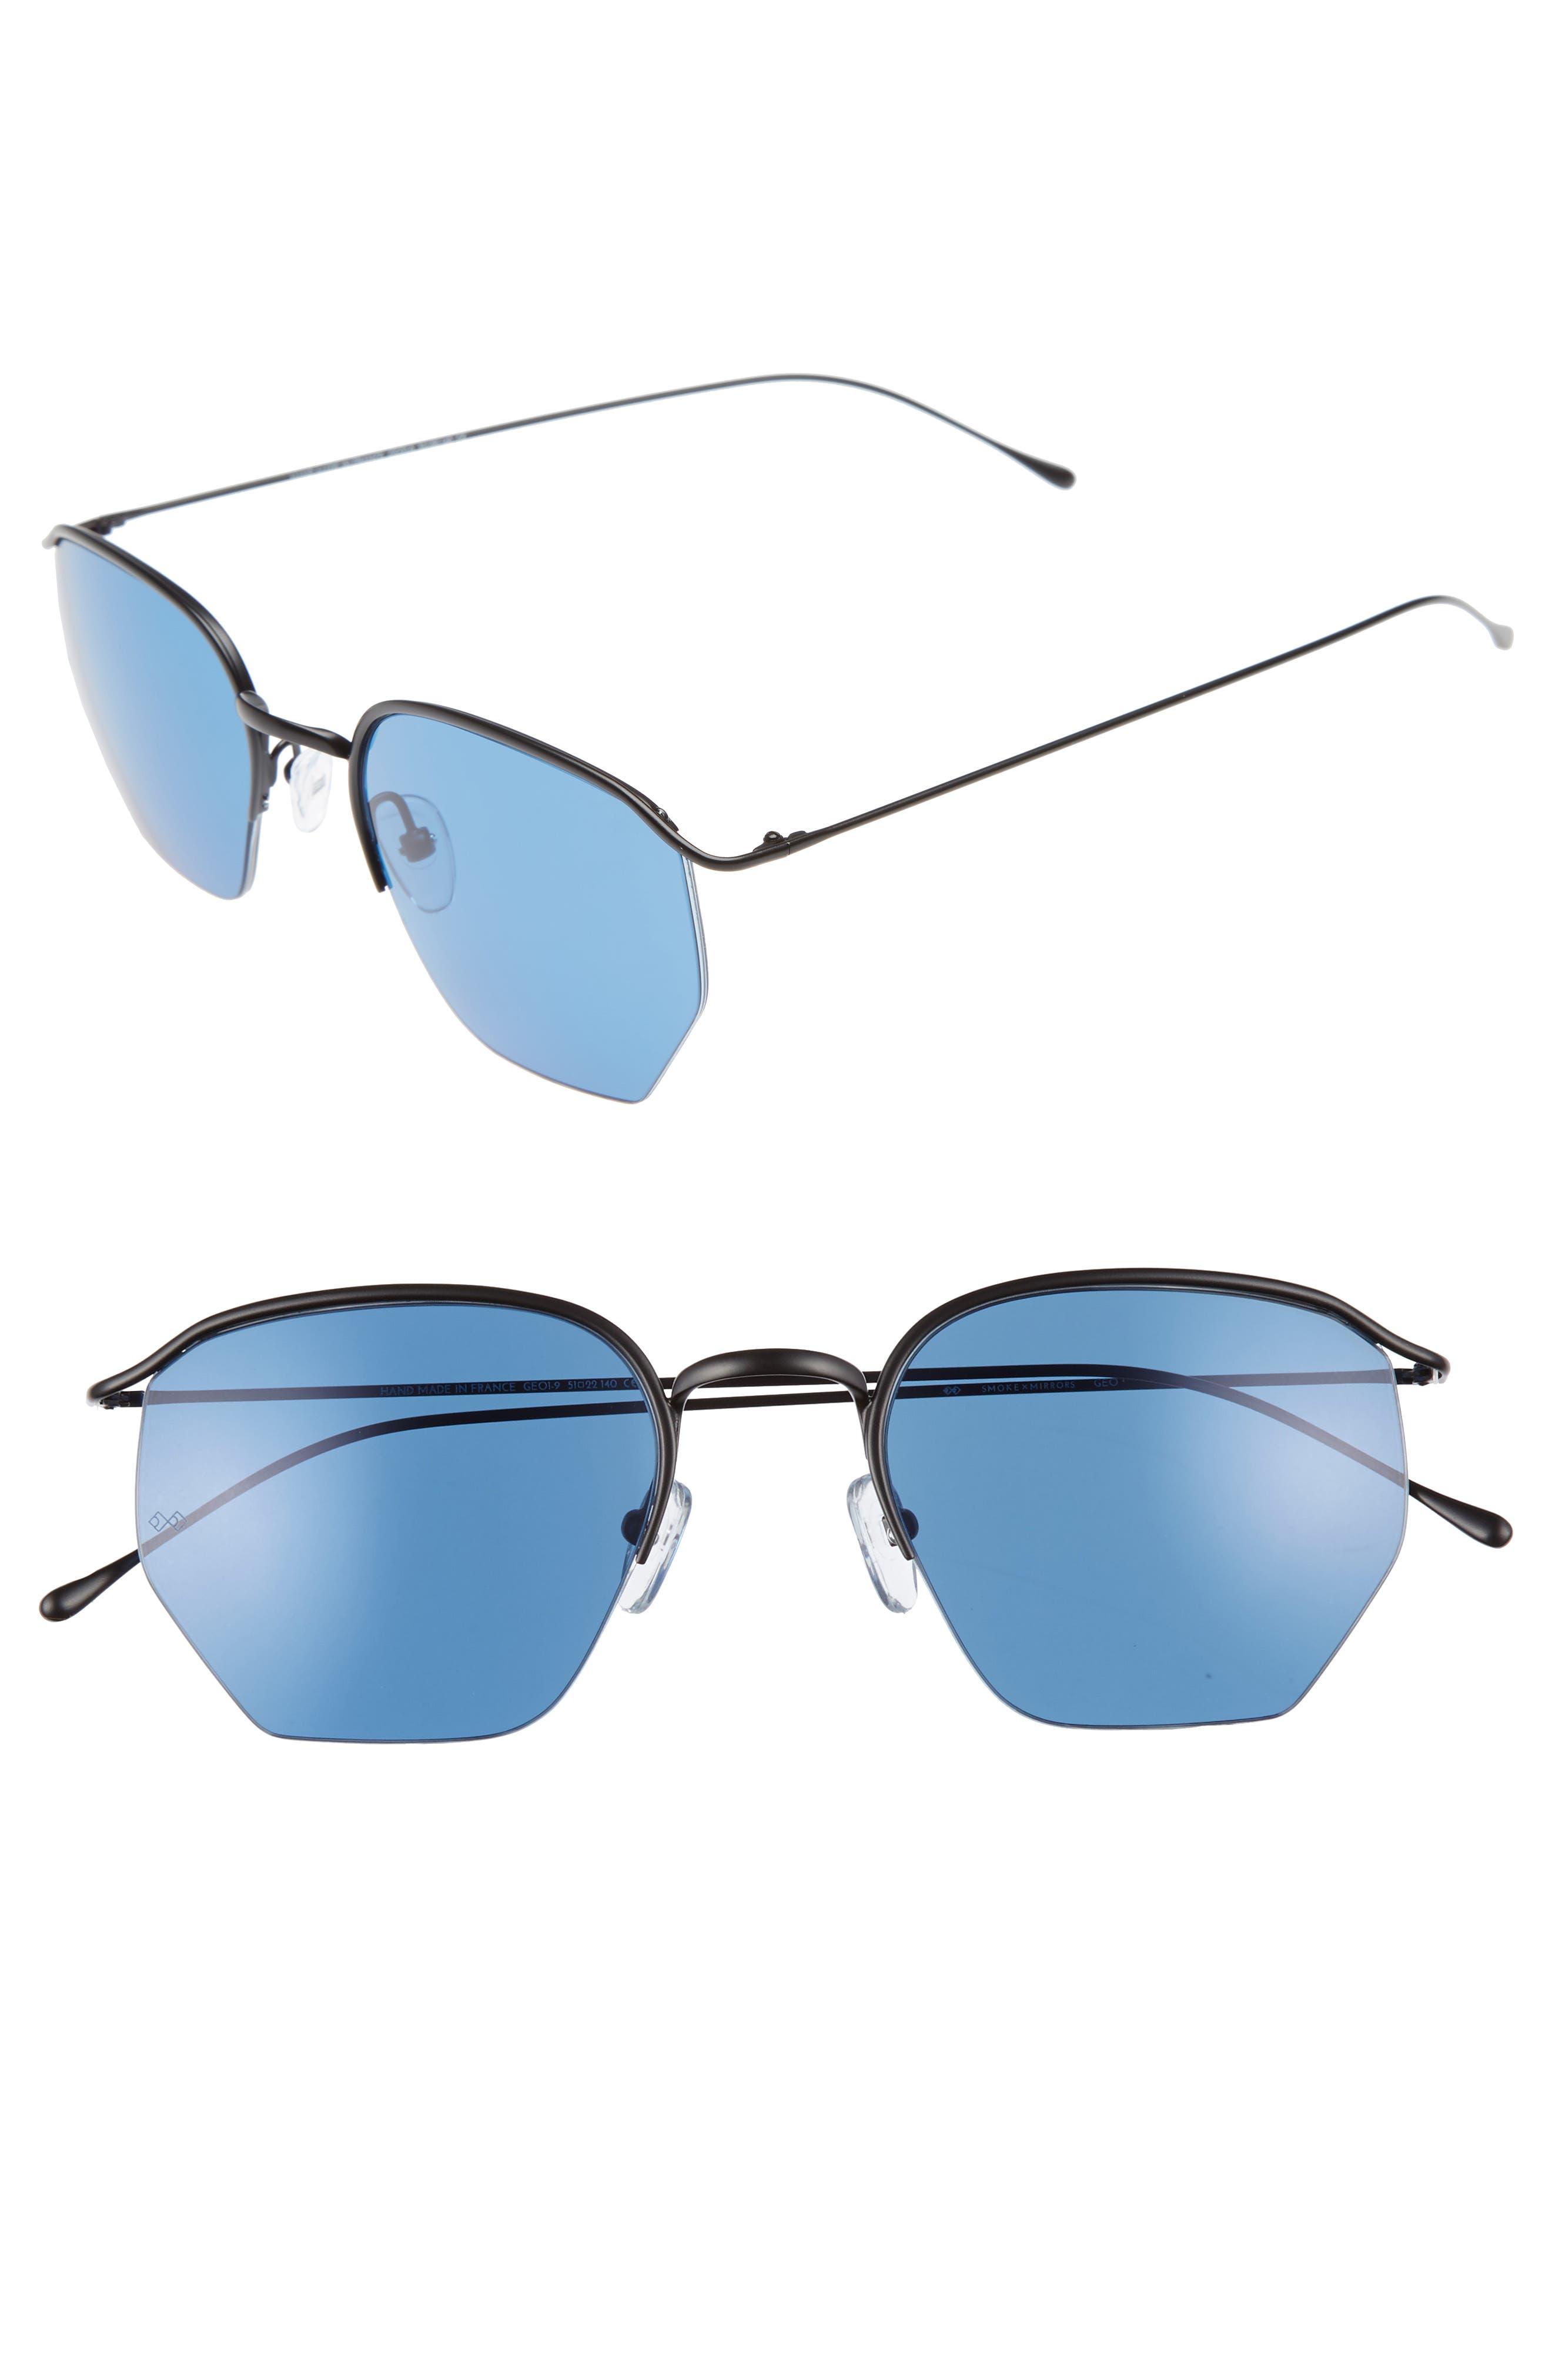 79c8d57c51 Men s CR 39 Plastic Sunglasses   Eye Glasses